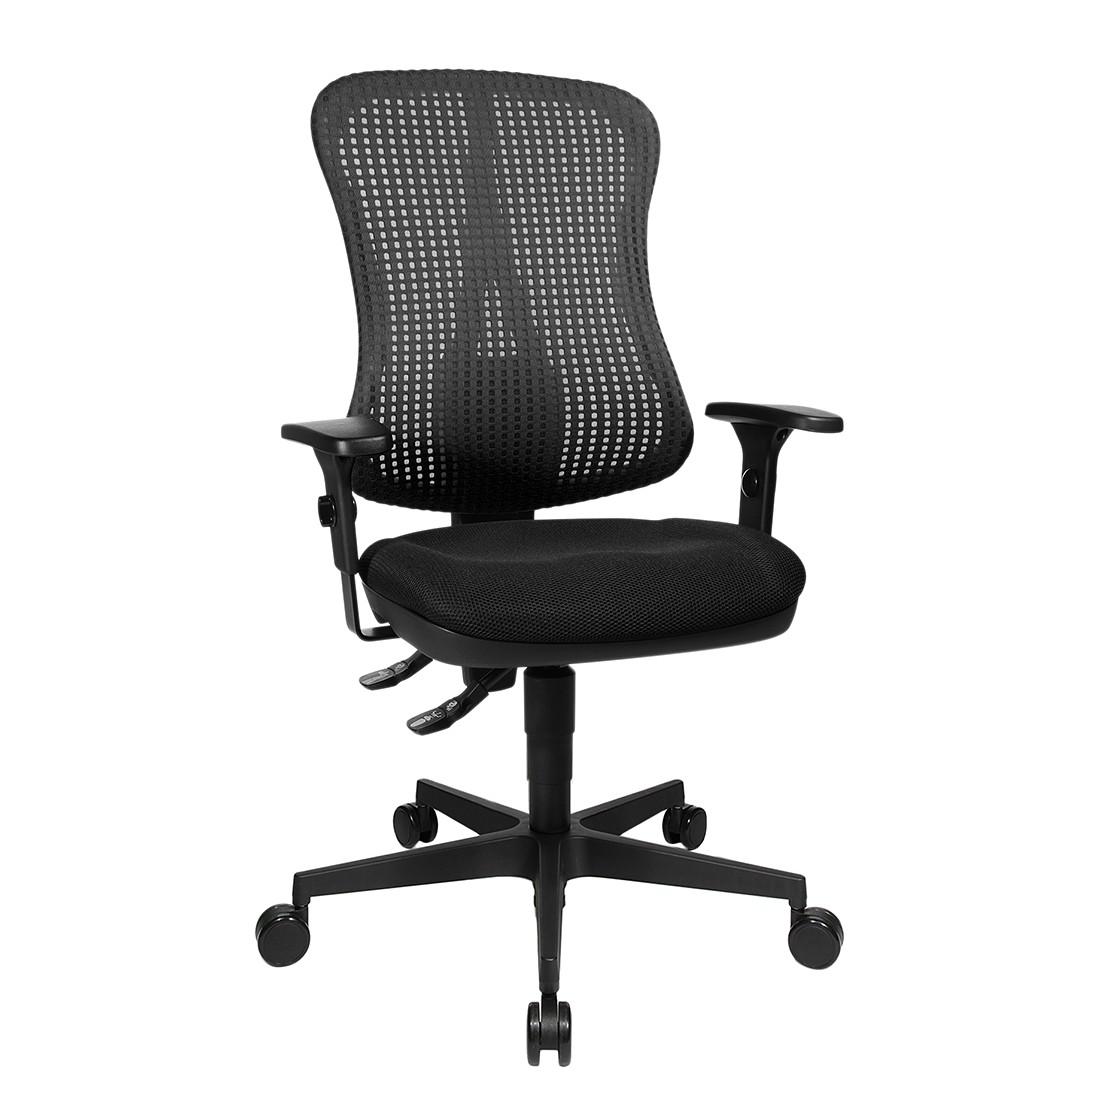 Bürodrehstuhl Head Point - Höhenverstellbare Armlehnen - Ohne Kopfstütze - Schwarz, Topstar